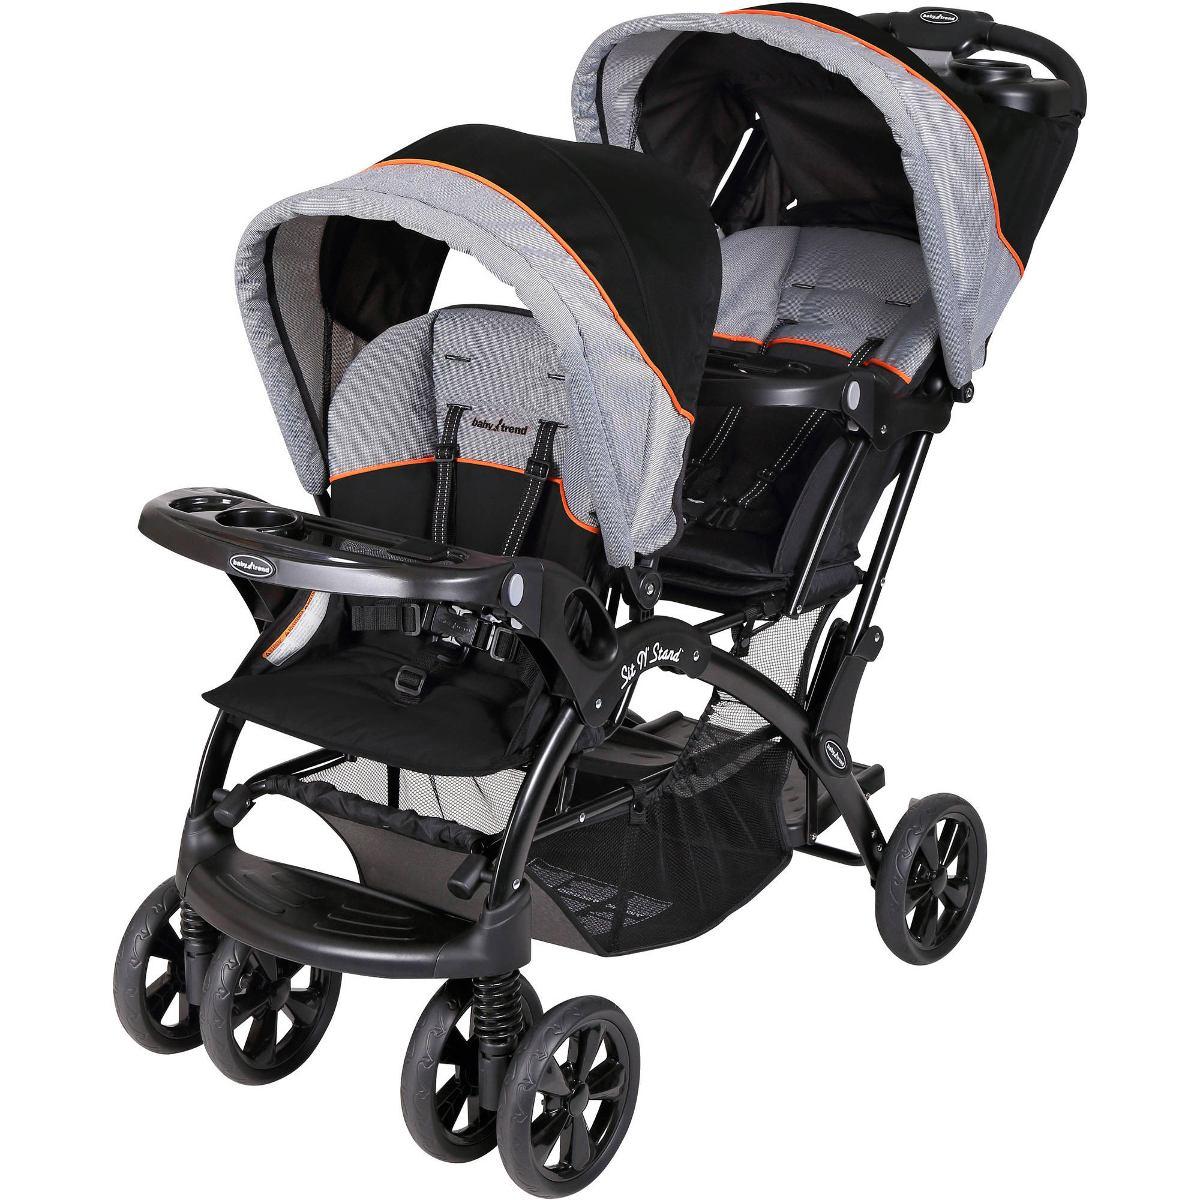 f2988cff7 Coche Doble Para Bebé Baby Trend - $ 952.550 en Mercado Libre